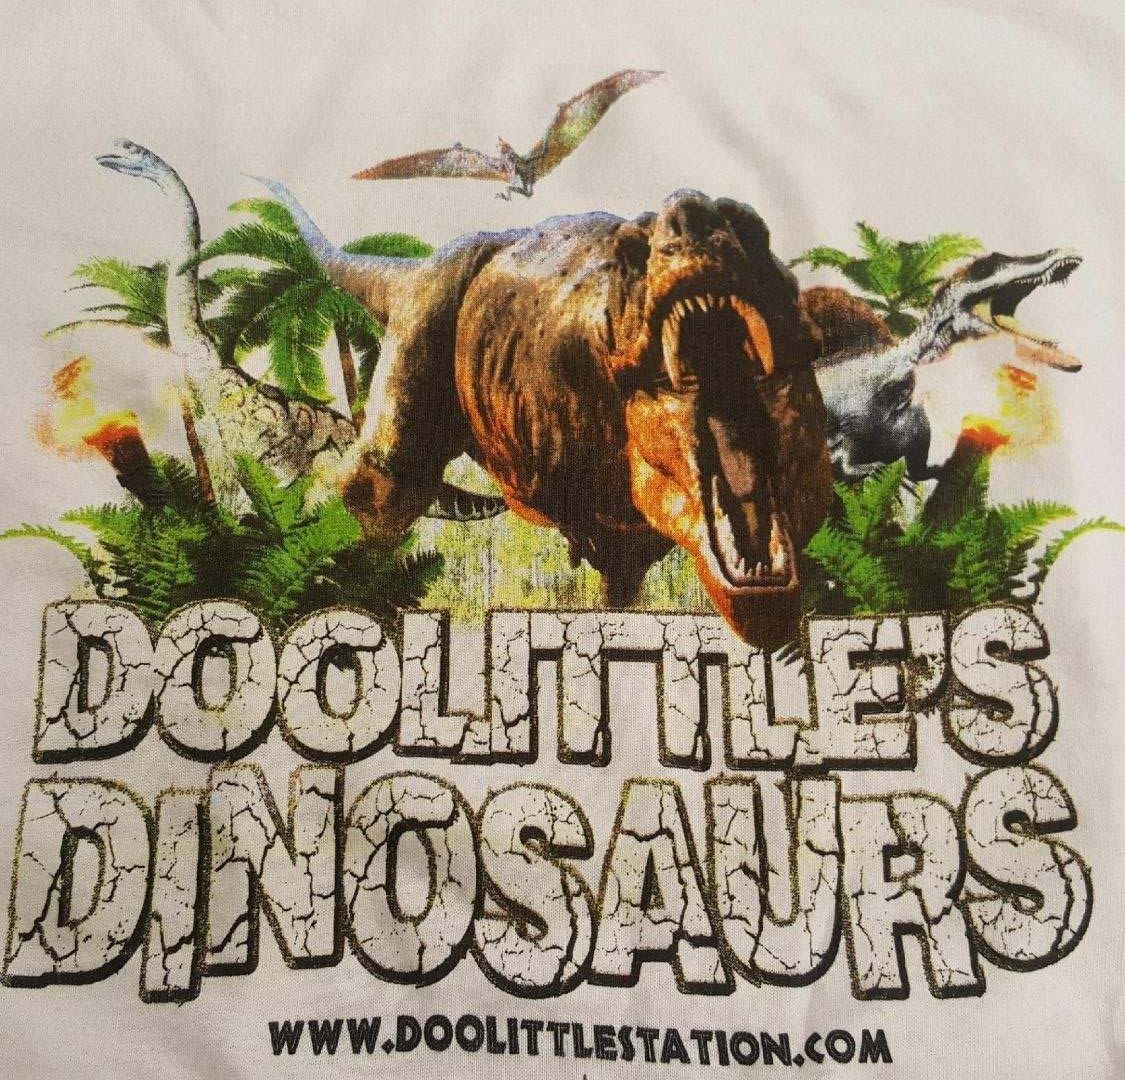 Dr. Doolittle's Dino